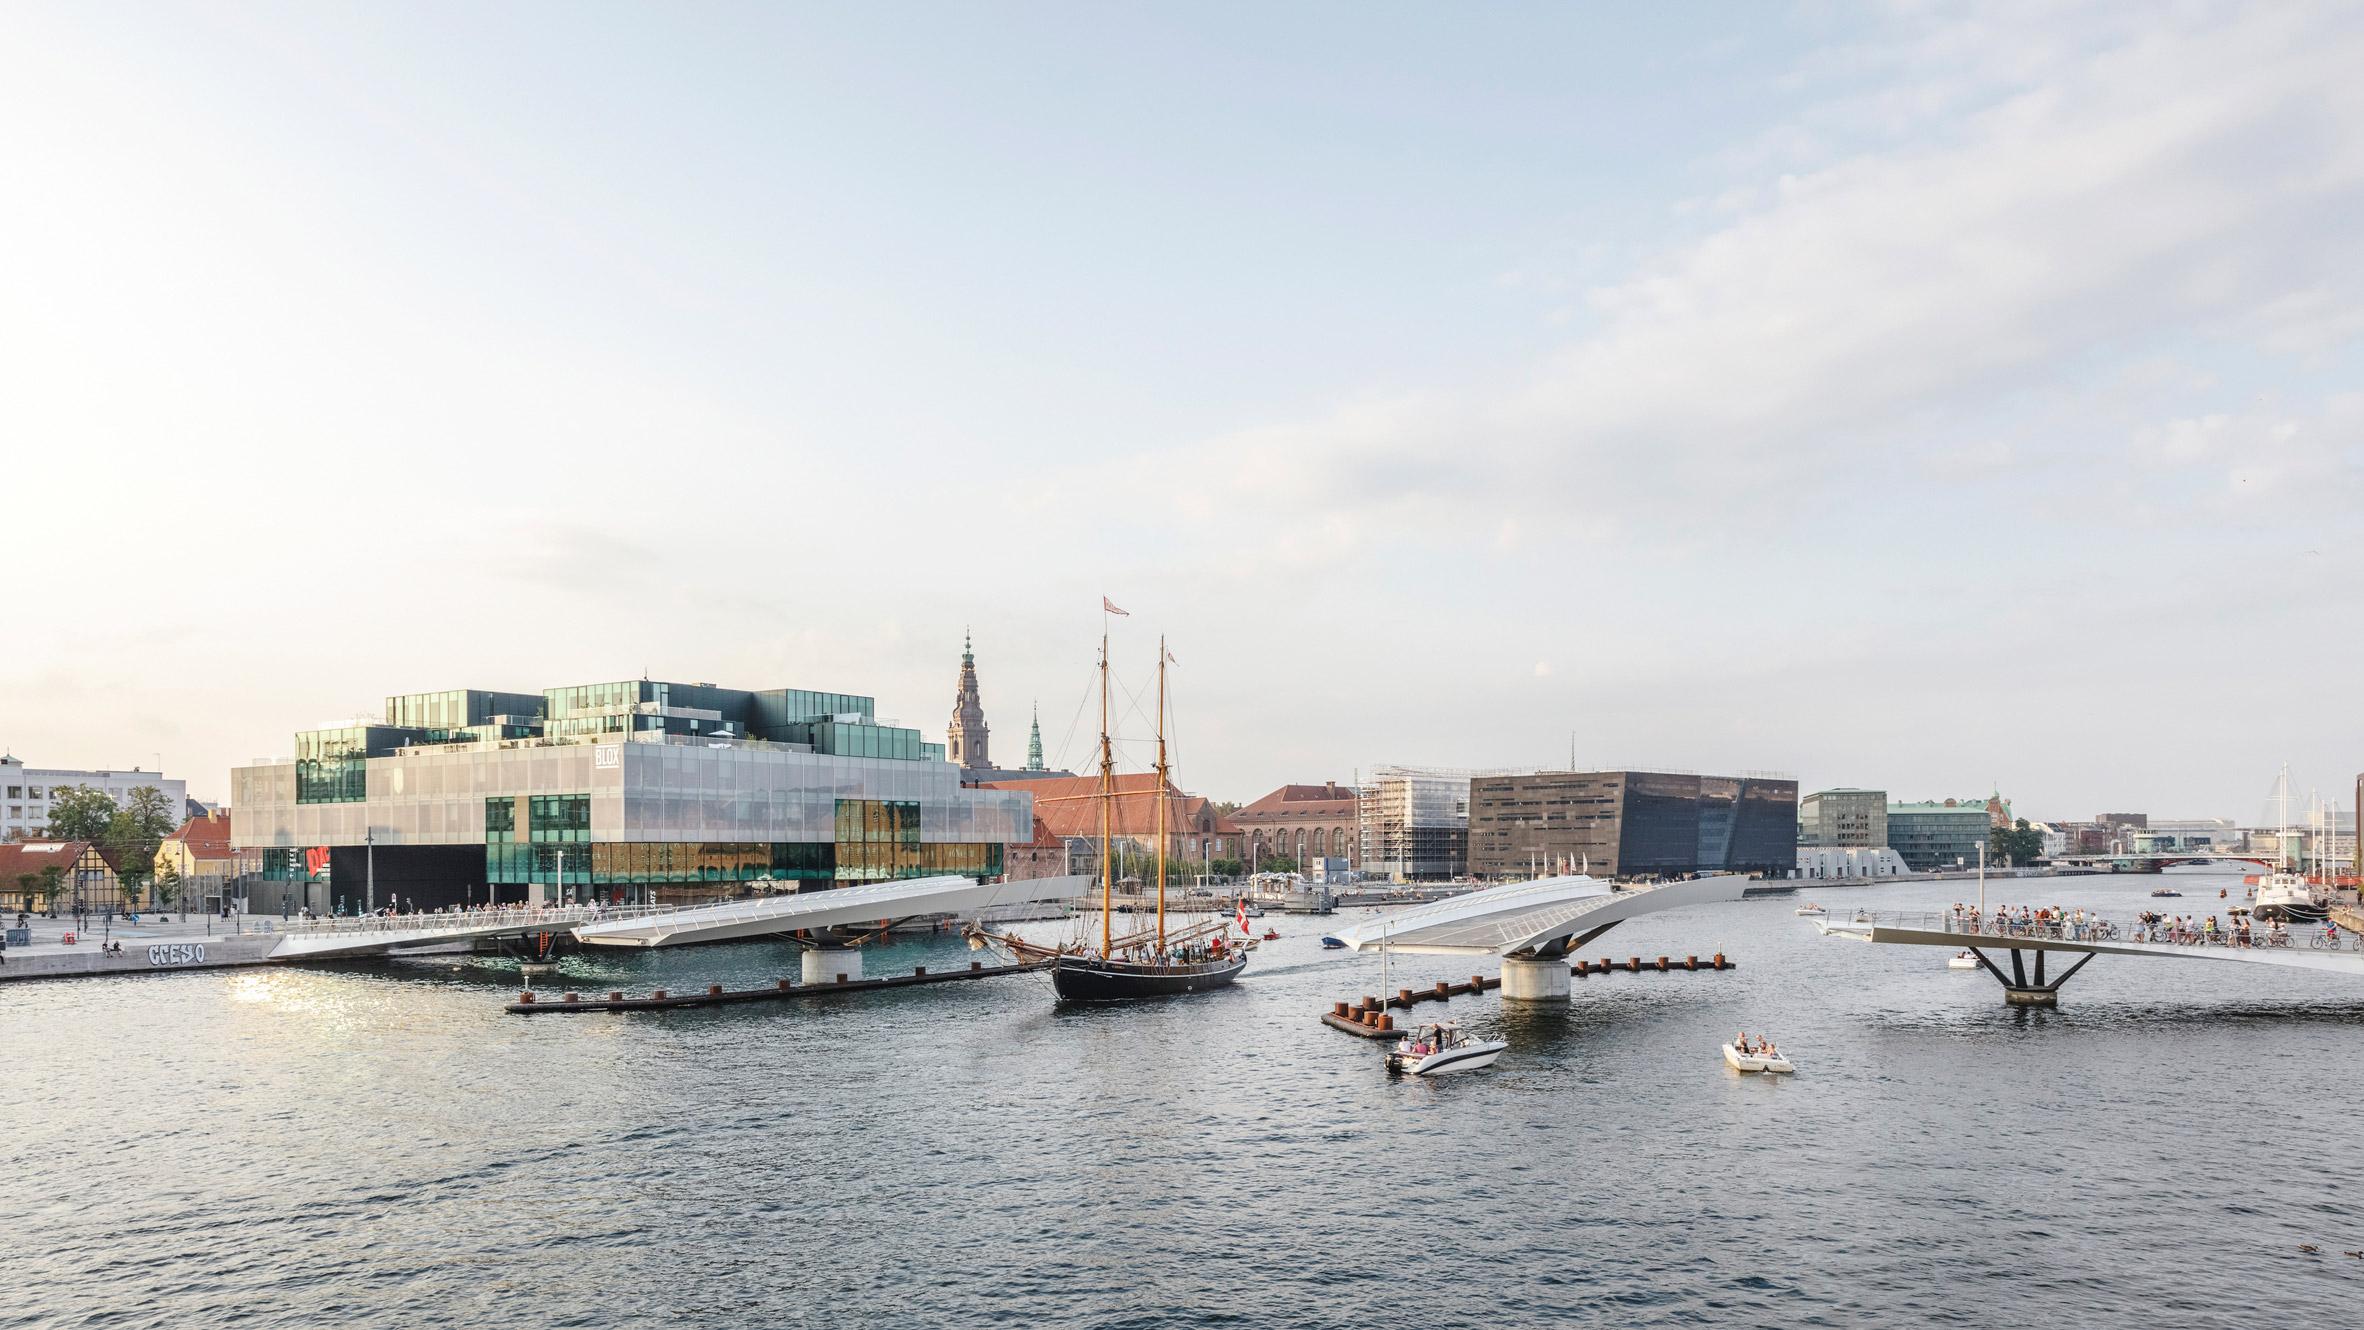 The Lille Langebro bridge in Copenhagen by WilkinsonEyre